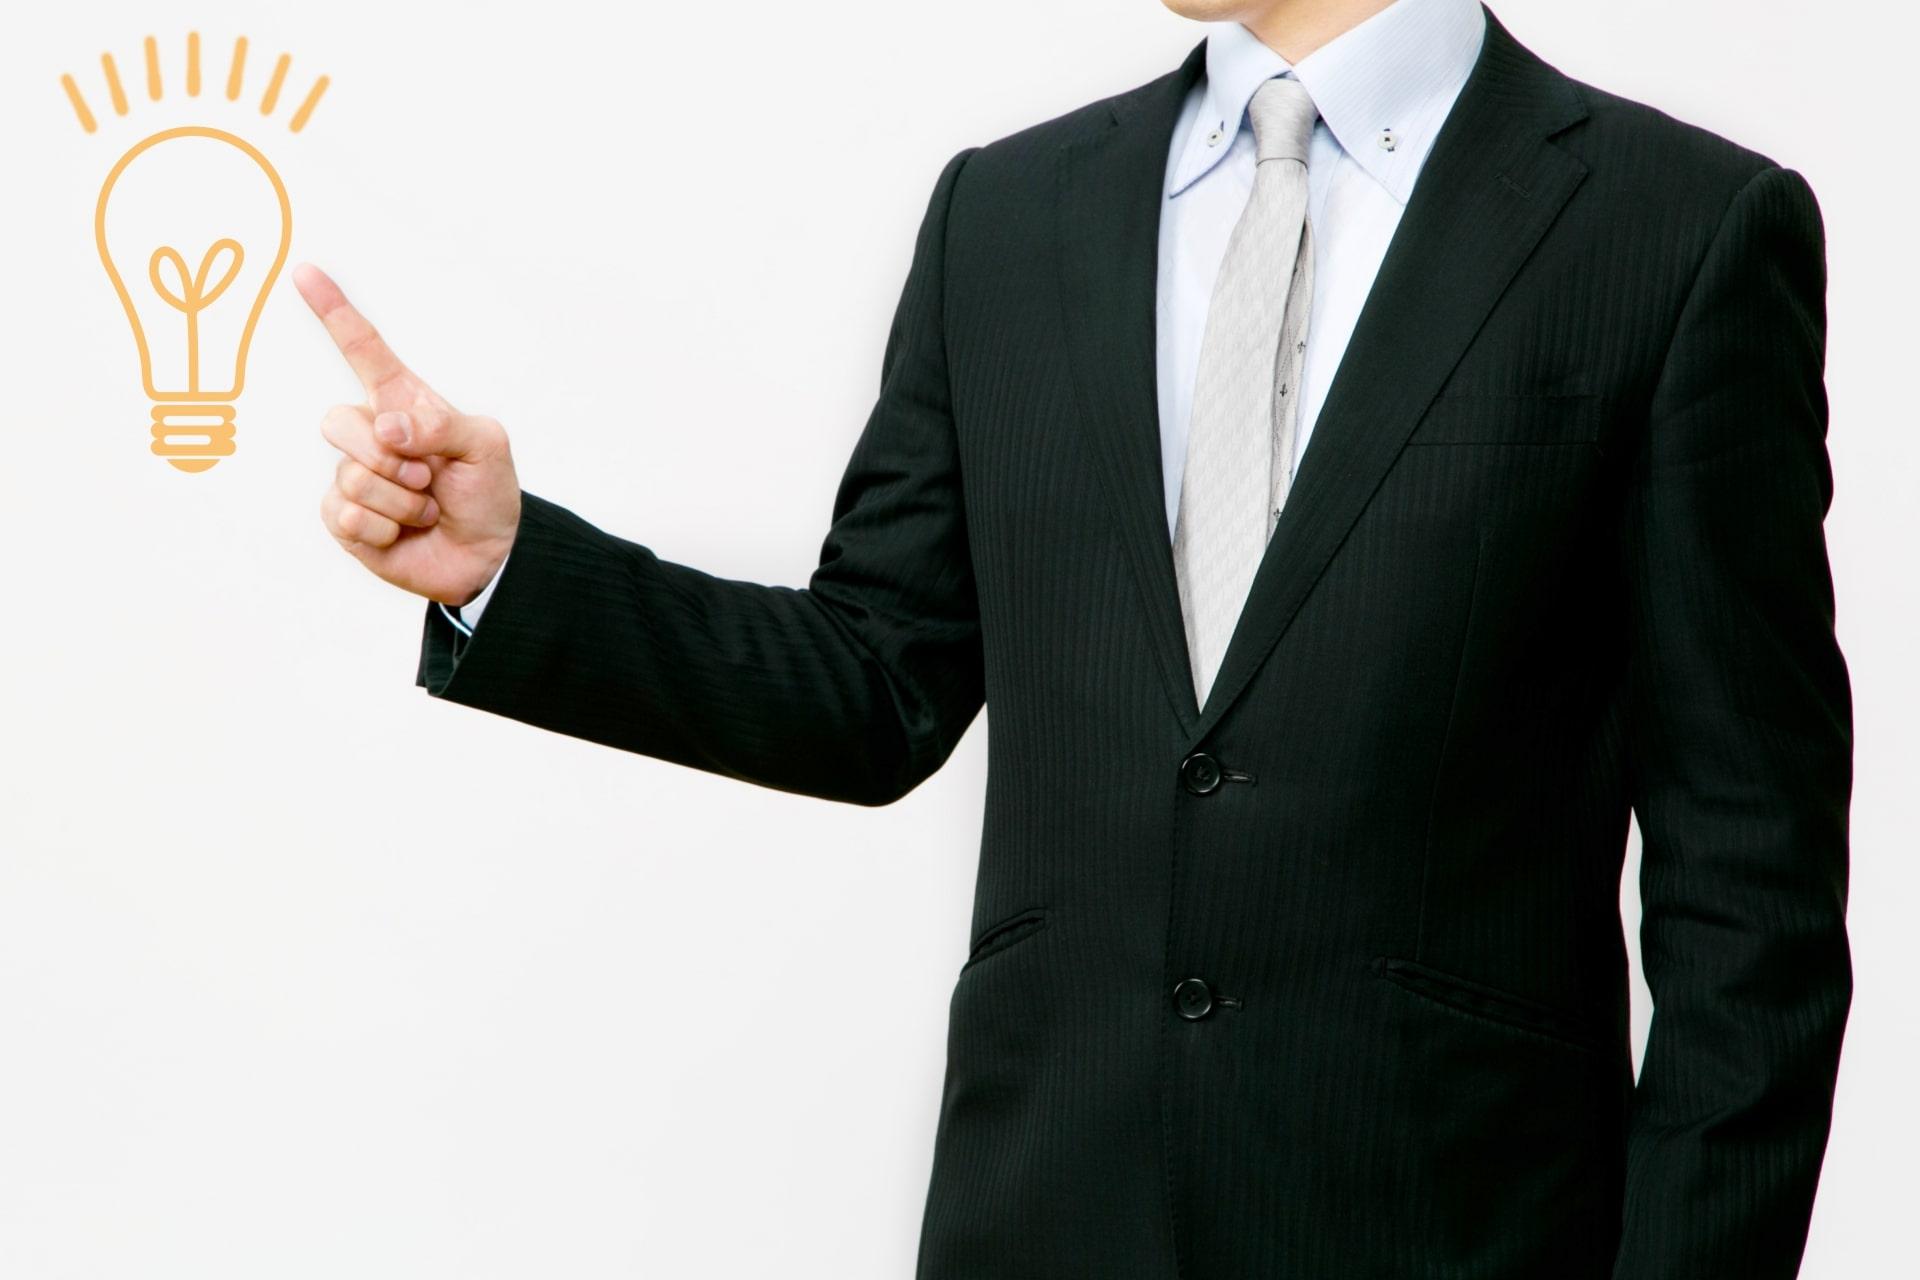 【副業紹介】代行業の副業で得意分野で稼ぐ!